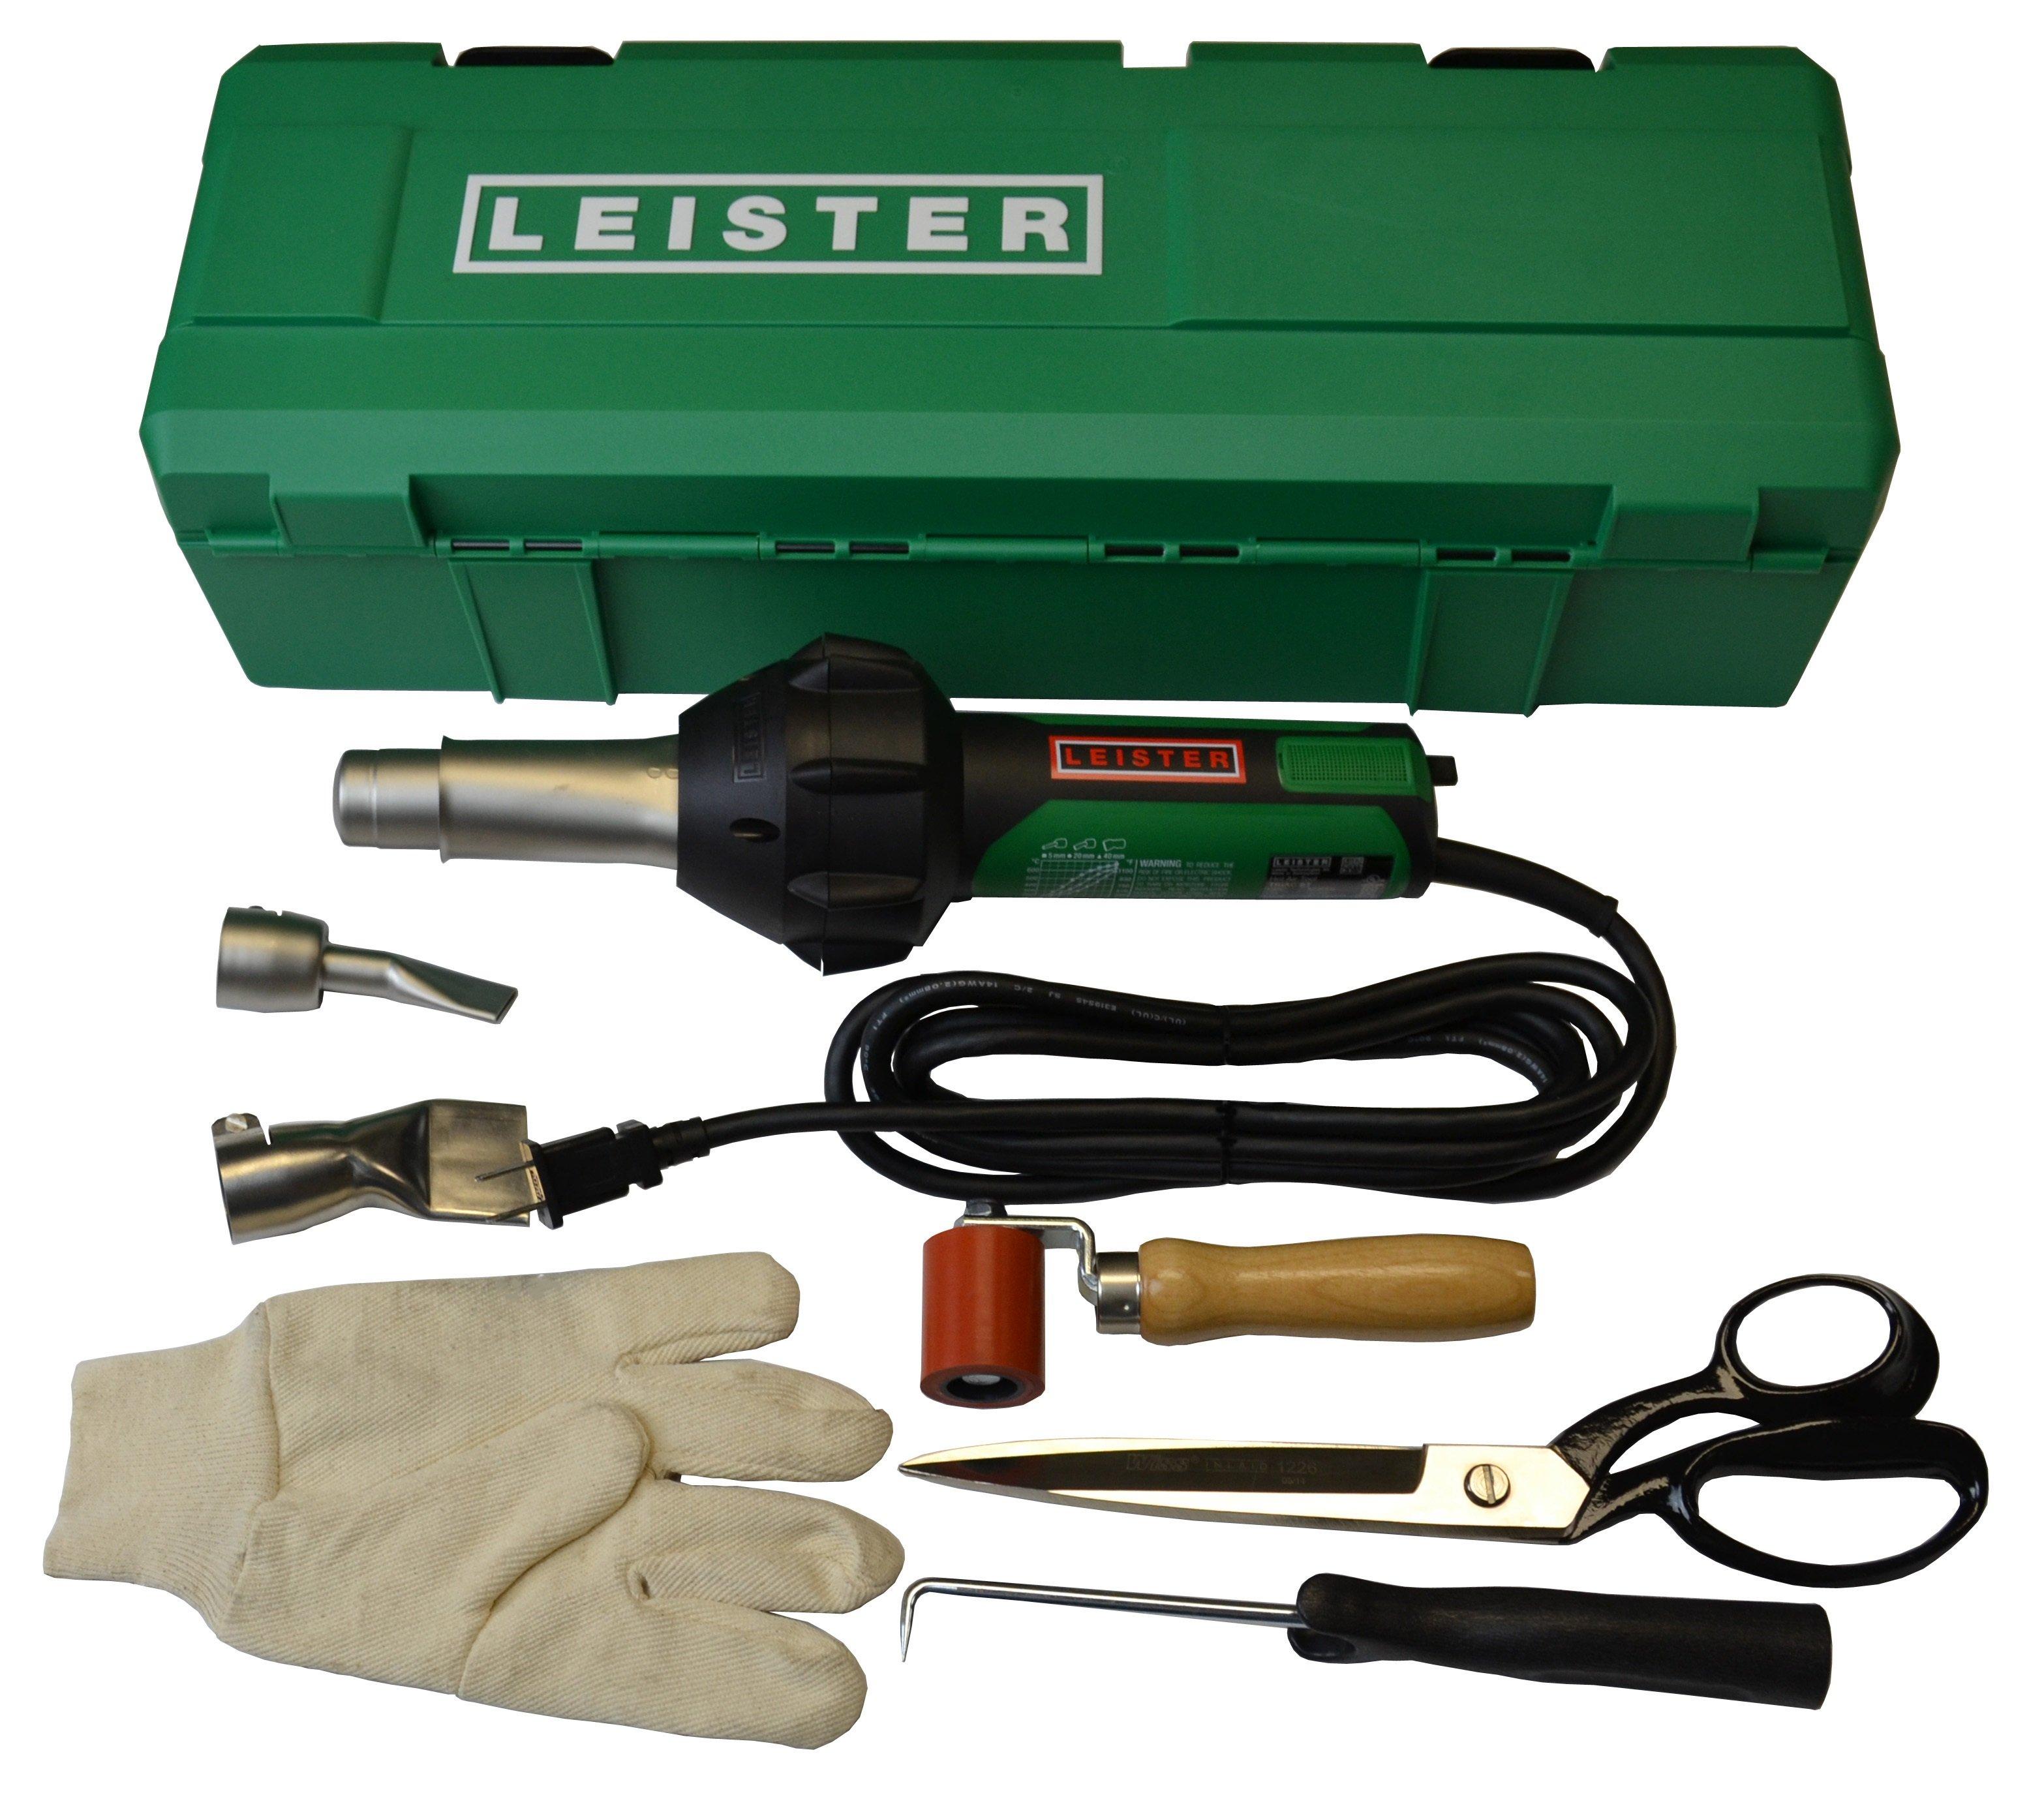 Leister kit